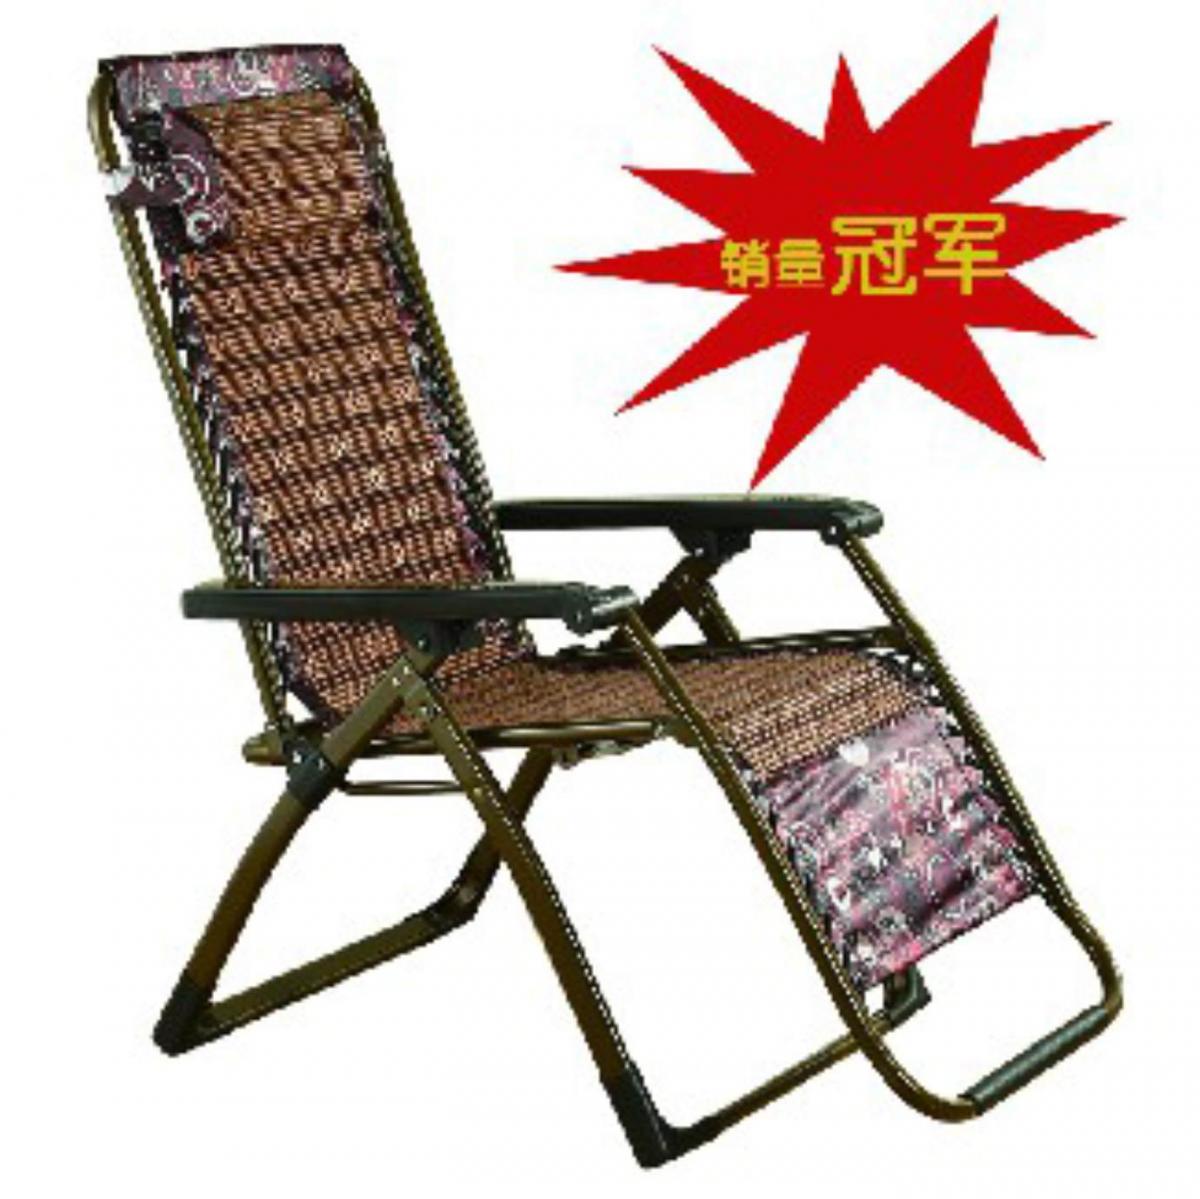 摇椅躺椅午休椅休闲老人椅子摇摇椅阳台躺椅逍遥椅成人折叠